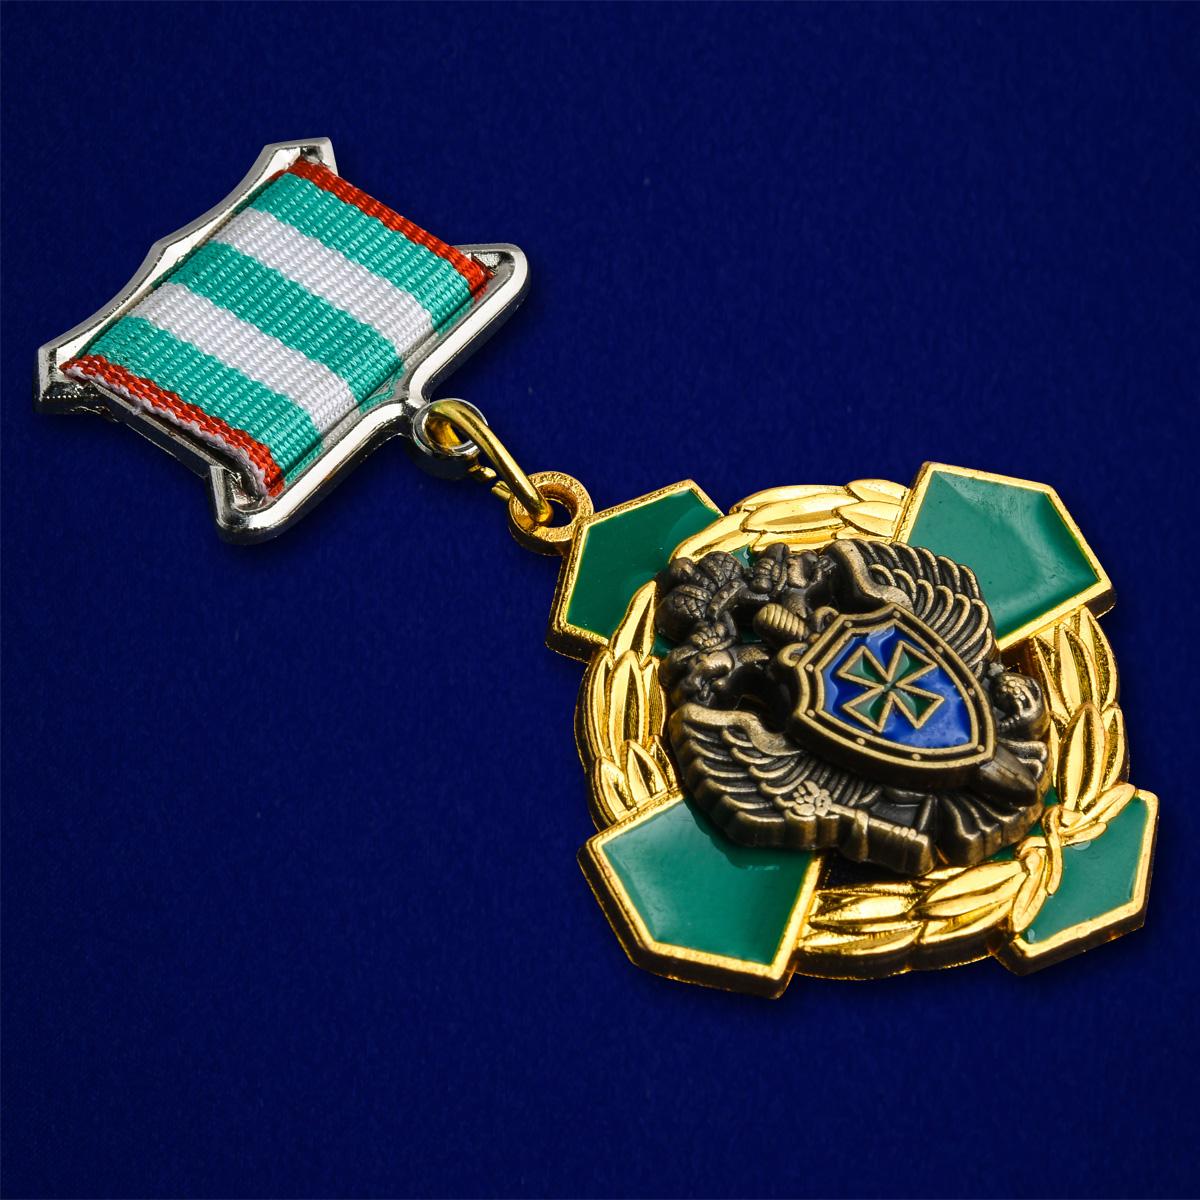 """Знак отличия """"За заслуги в пограничной службе"""" 1 степени ПС ФСБ-вид под углом"""